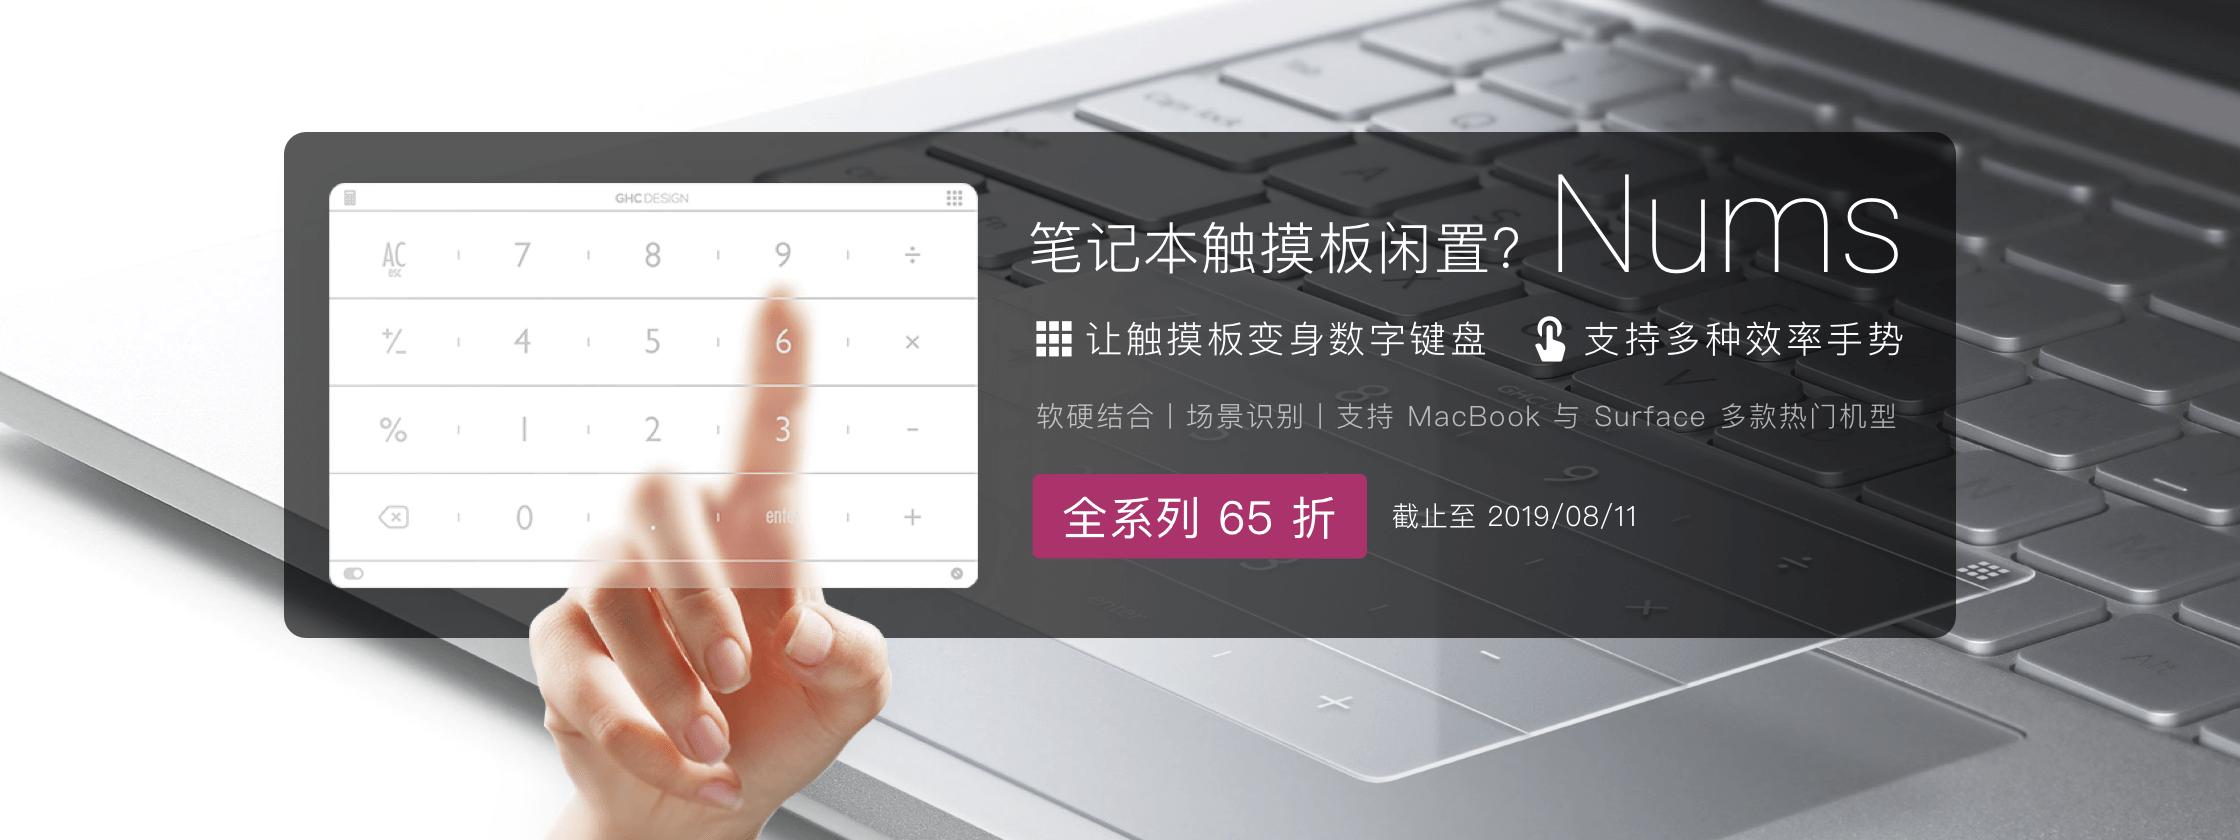 [限时 65 折] 数码荔枝首款实体商品 —— 可将笔记本触控板变为数字键的 Nums !